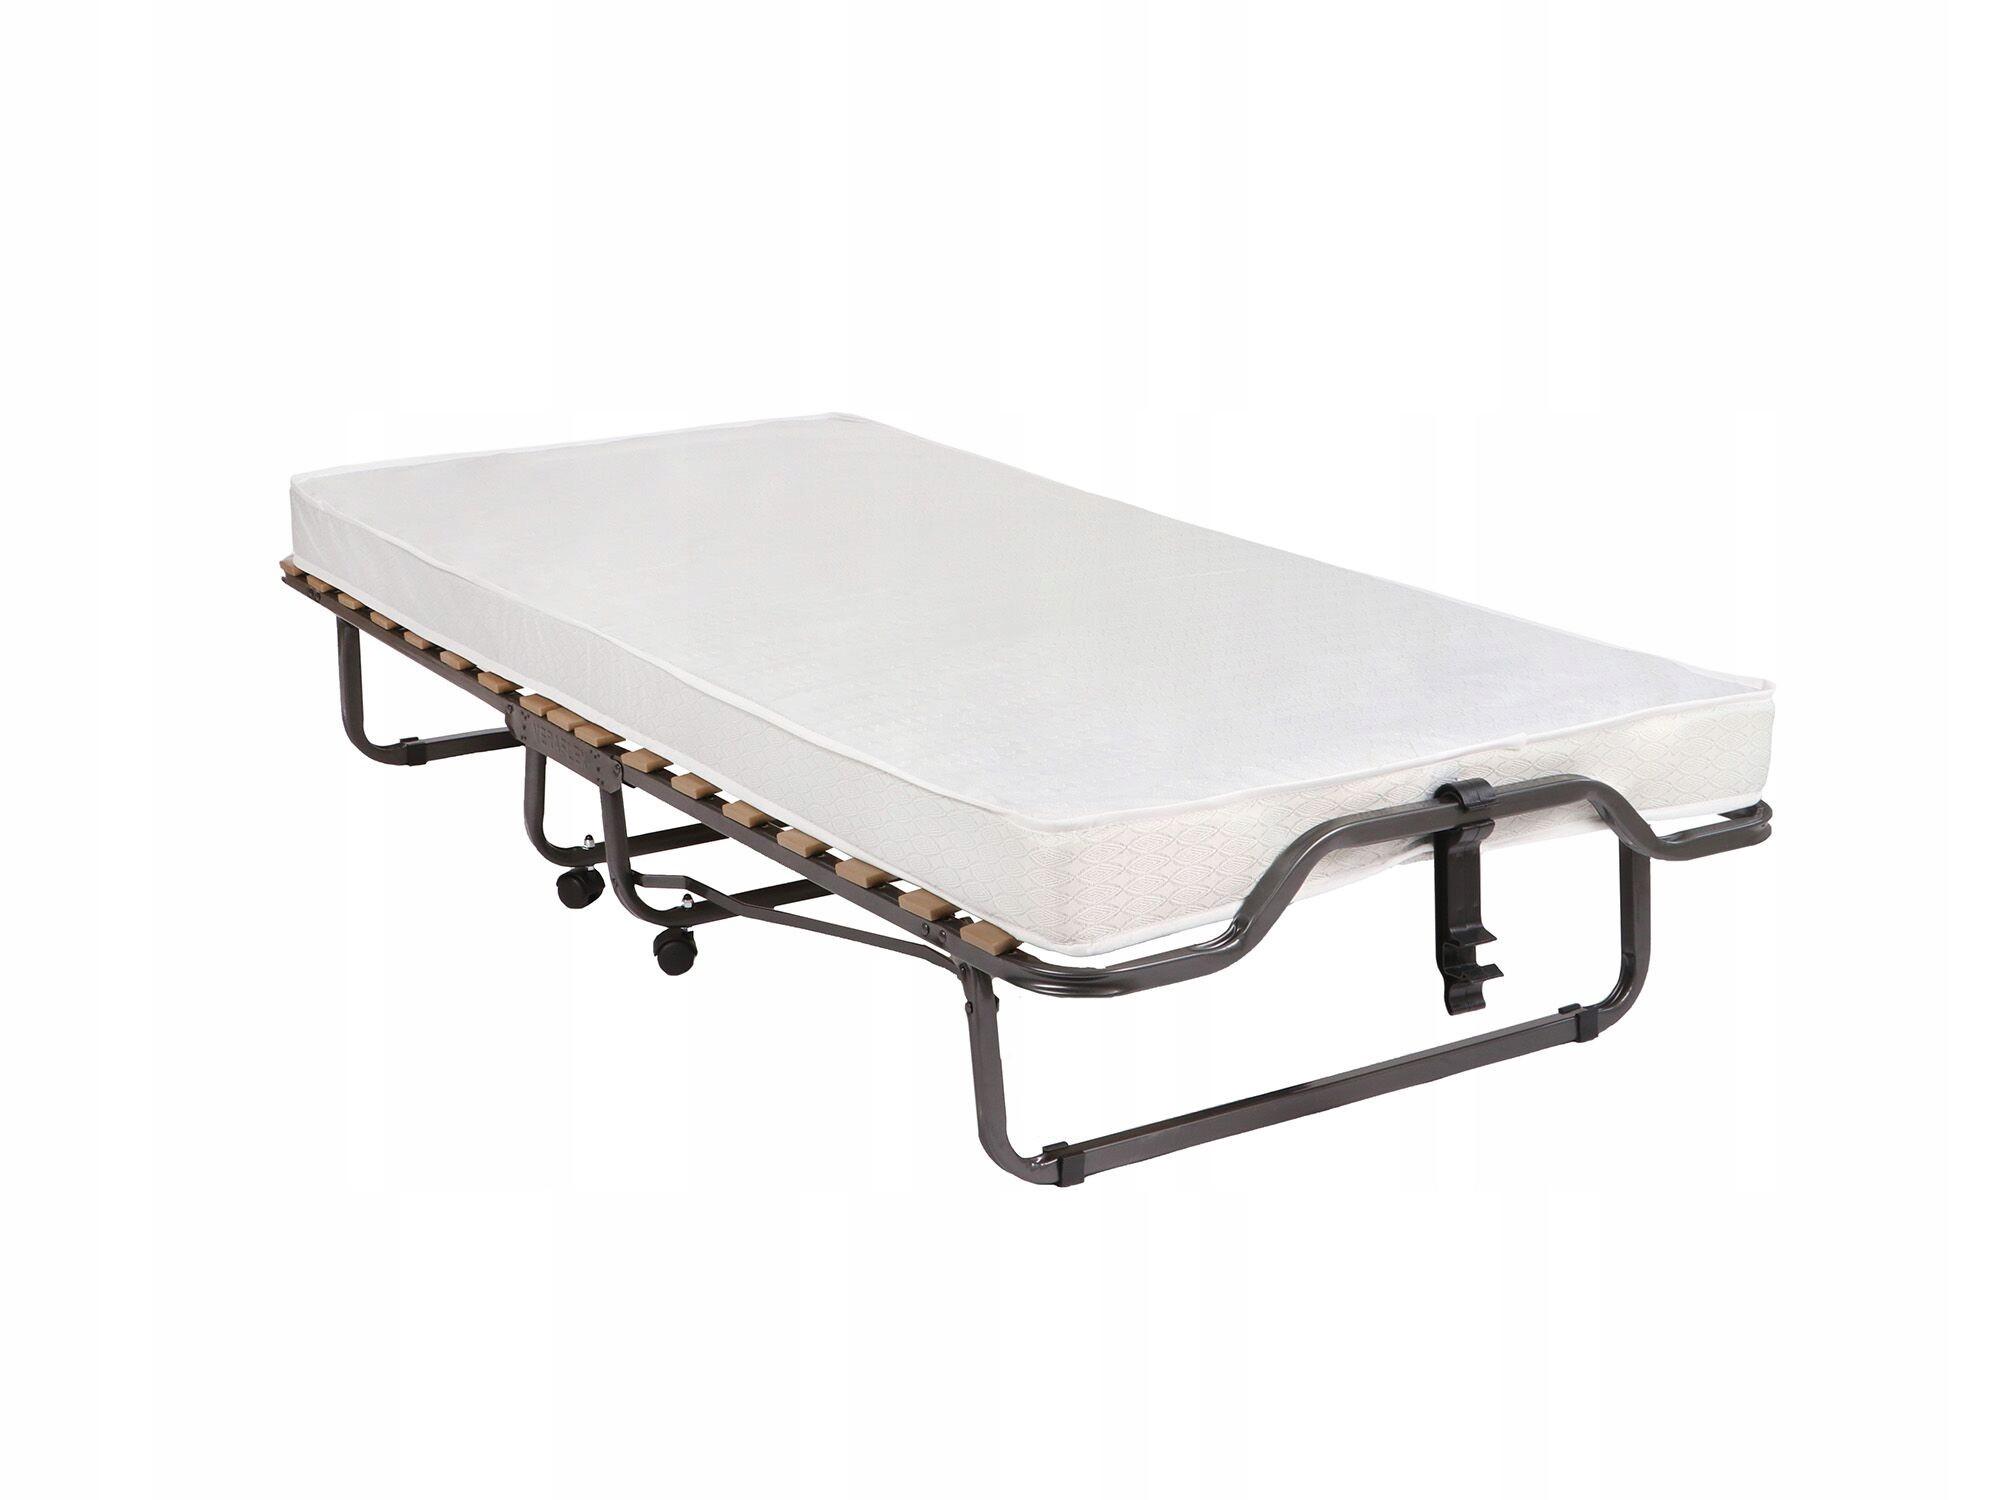 łóżko Polowe Składane Dostawka Hotelowa 90x200 7424901025